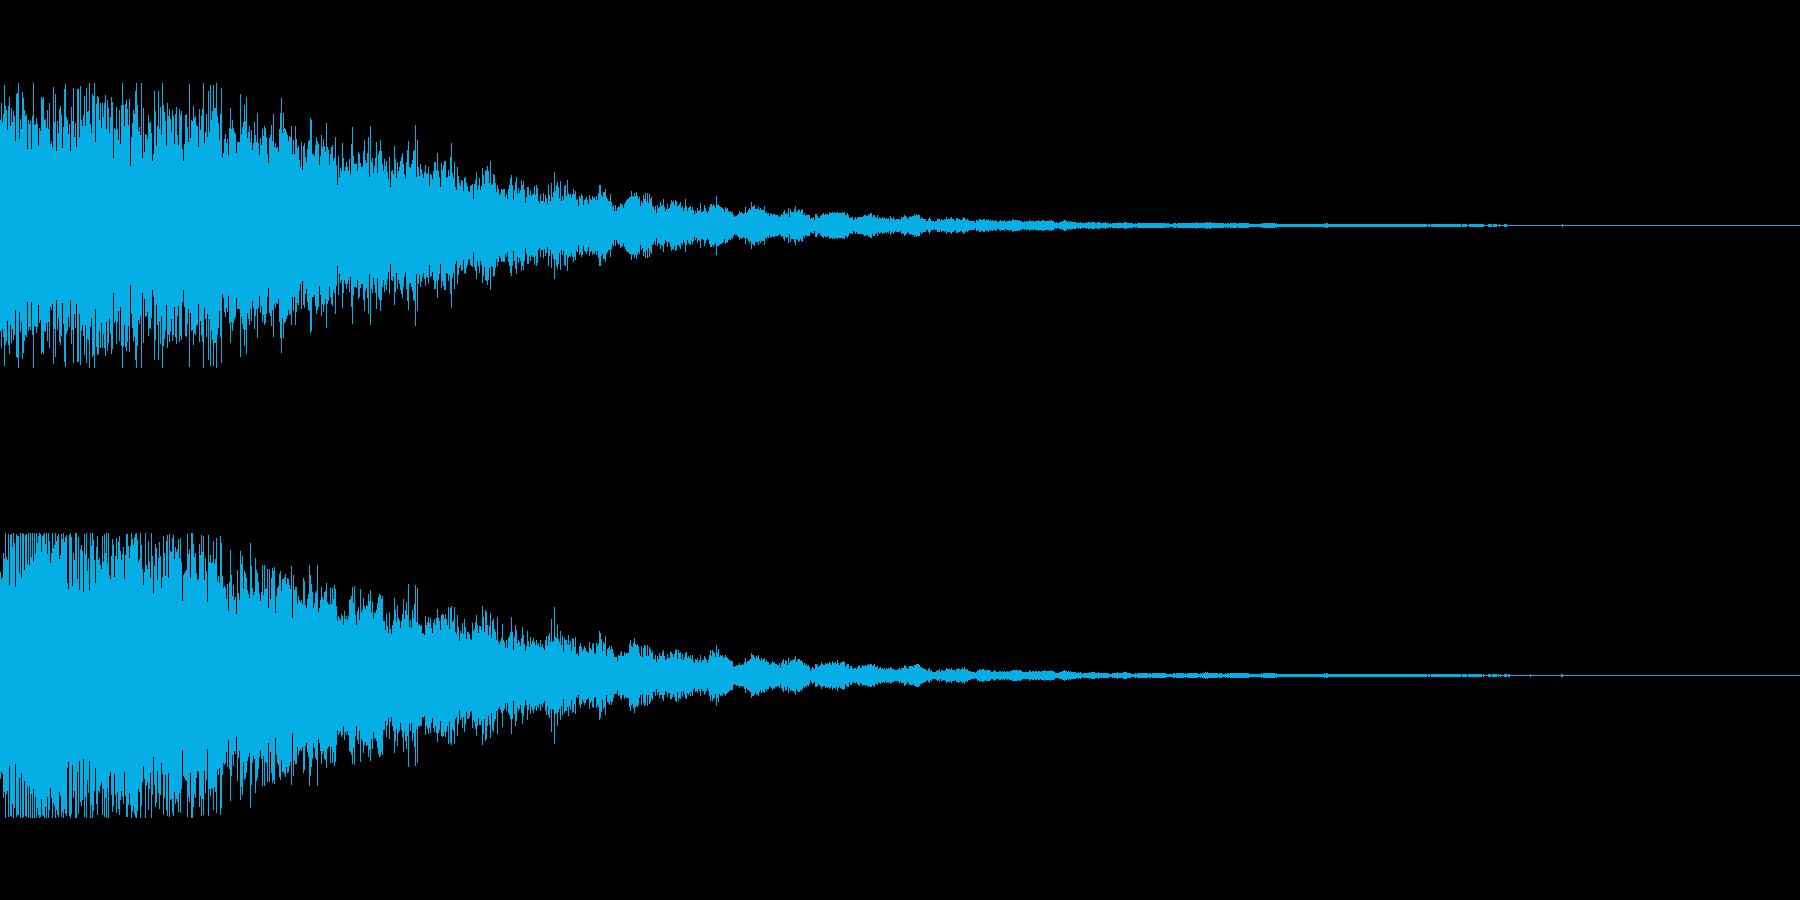 [ジャキーン]決定音(明るく力強く)の再生済みの波形